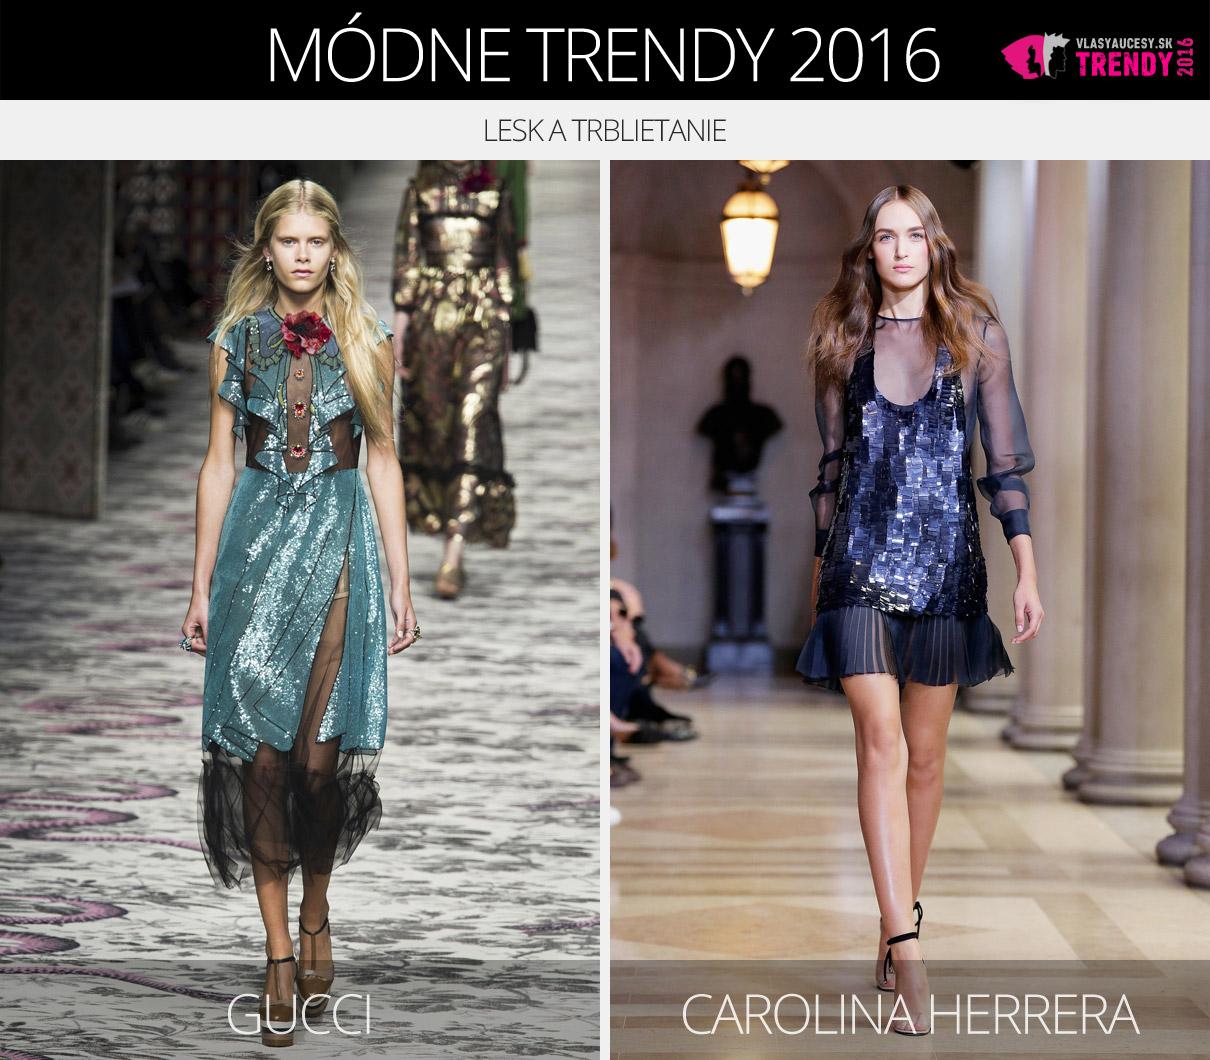 f3d39fd48 Módne trendy 2016 – lesk a trblietanie. (Zľava: Gucci a Carolina Herrera.